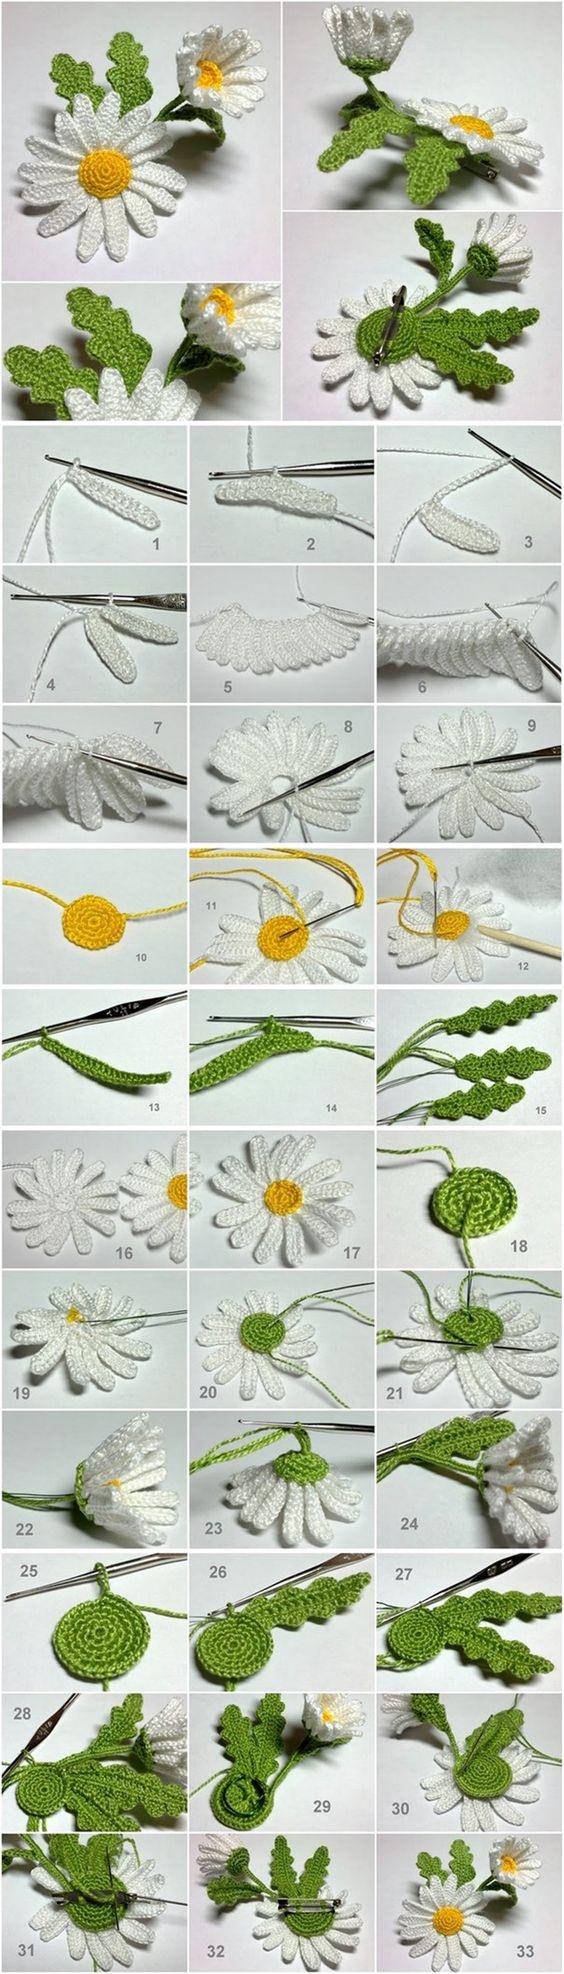 margaritas crochet-foto tutorial-otalulandia.es